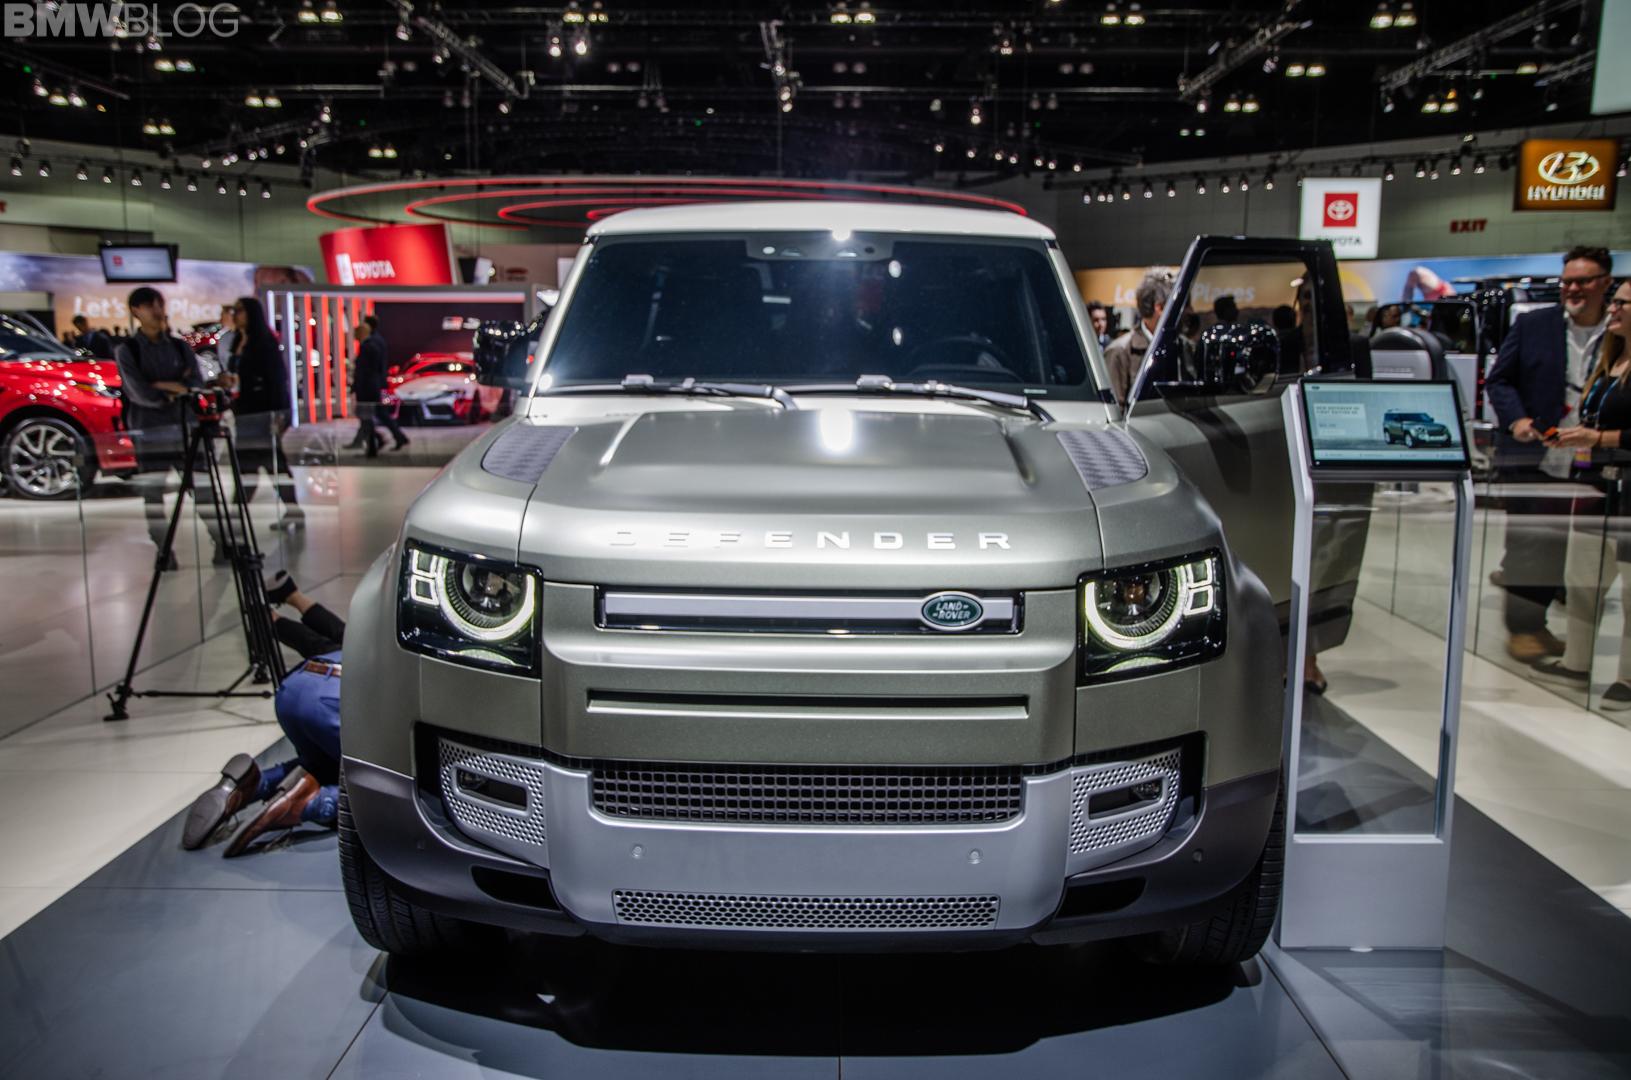 2019 LA Auto Show: Land Rover Defender — America's Coolest New SUV